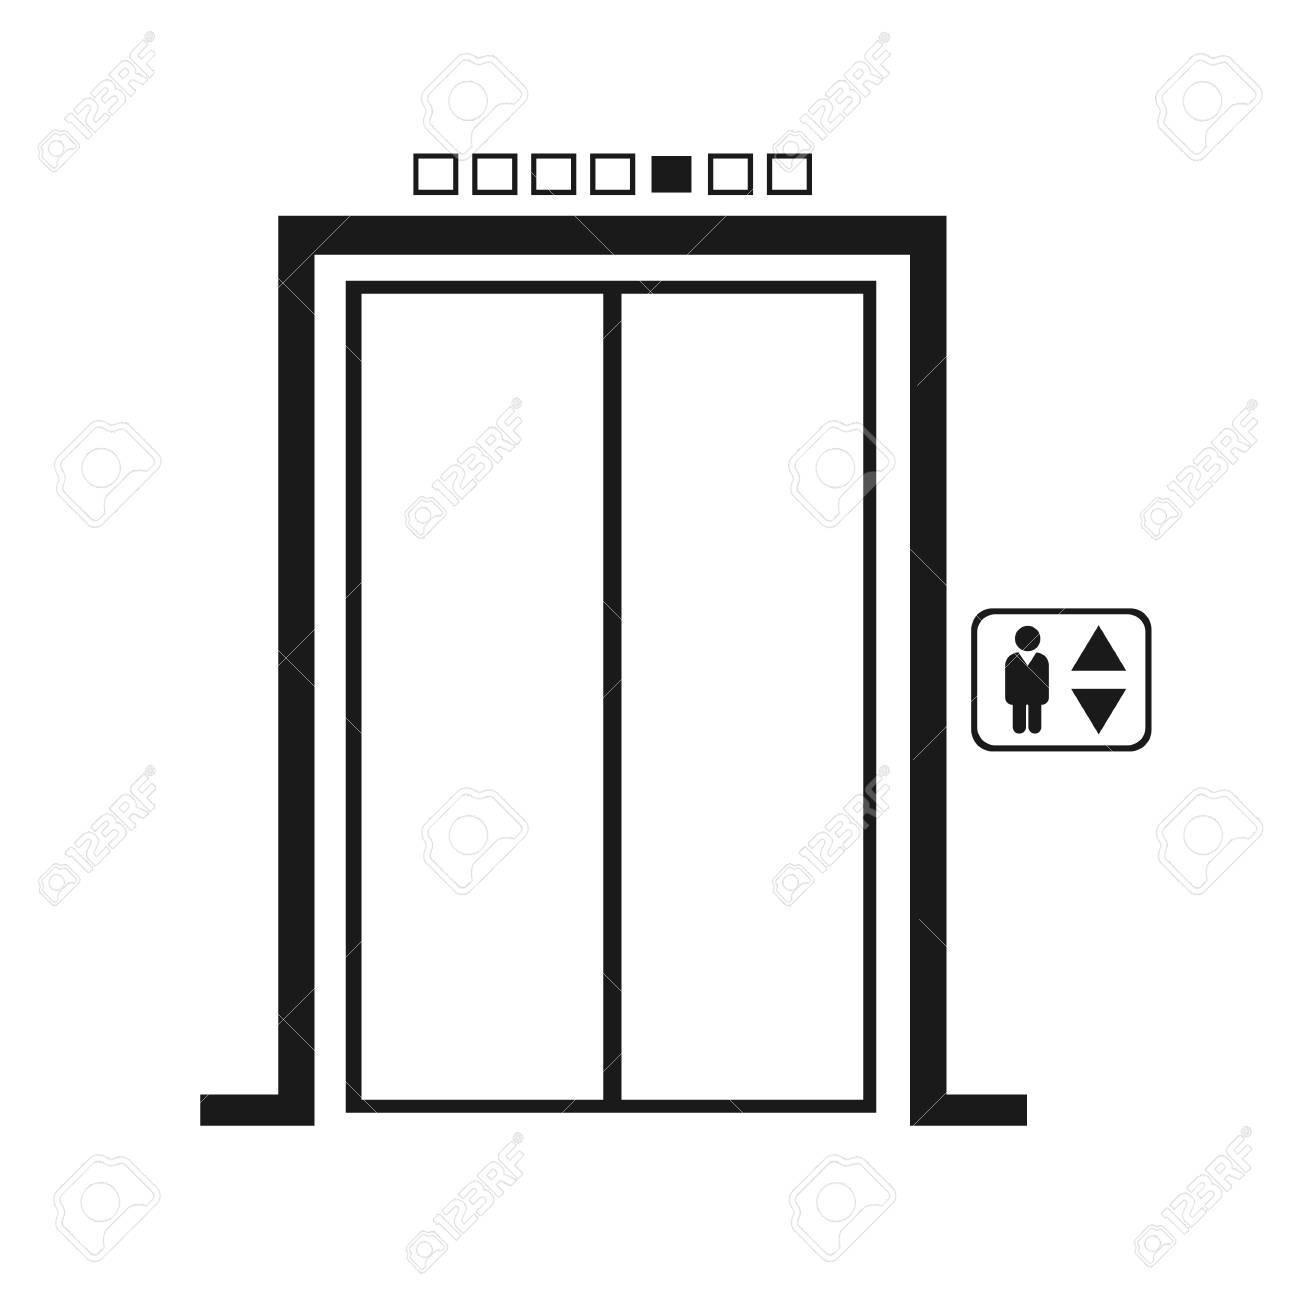 Elevator icon vector.